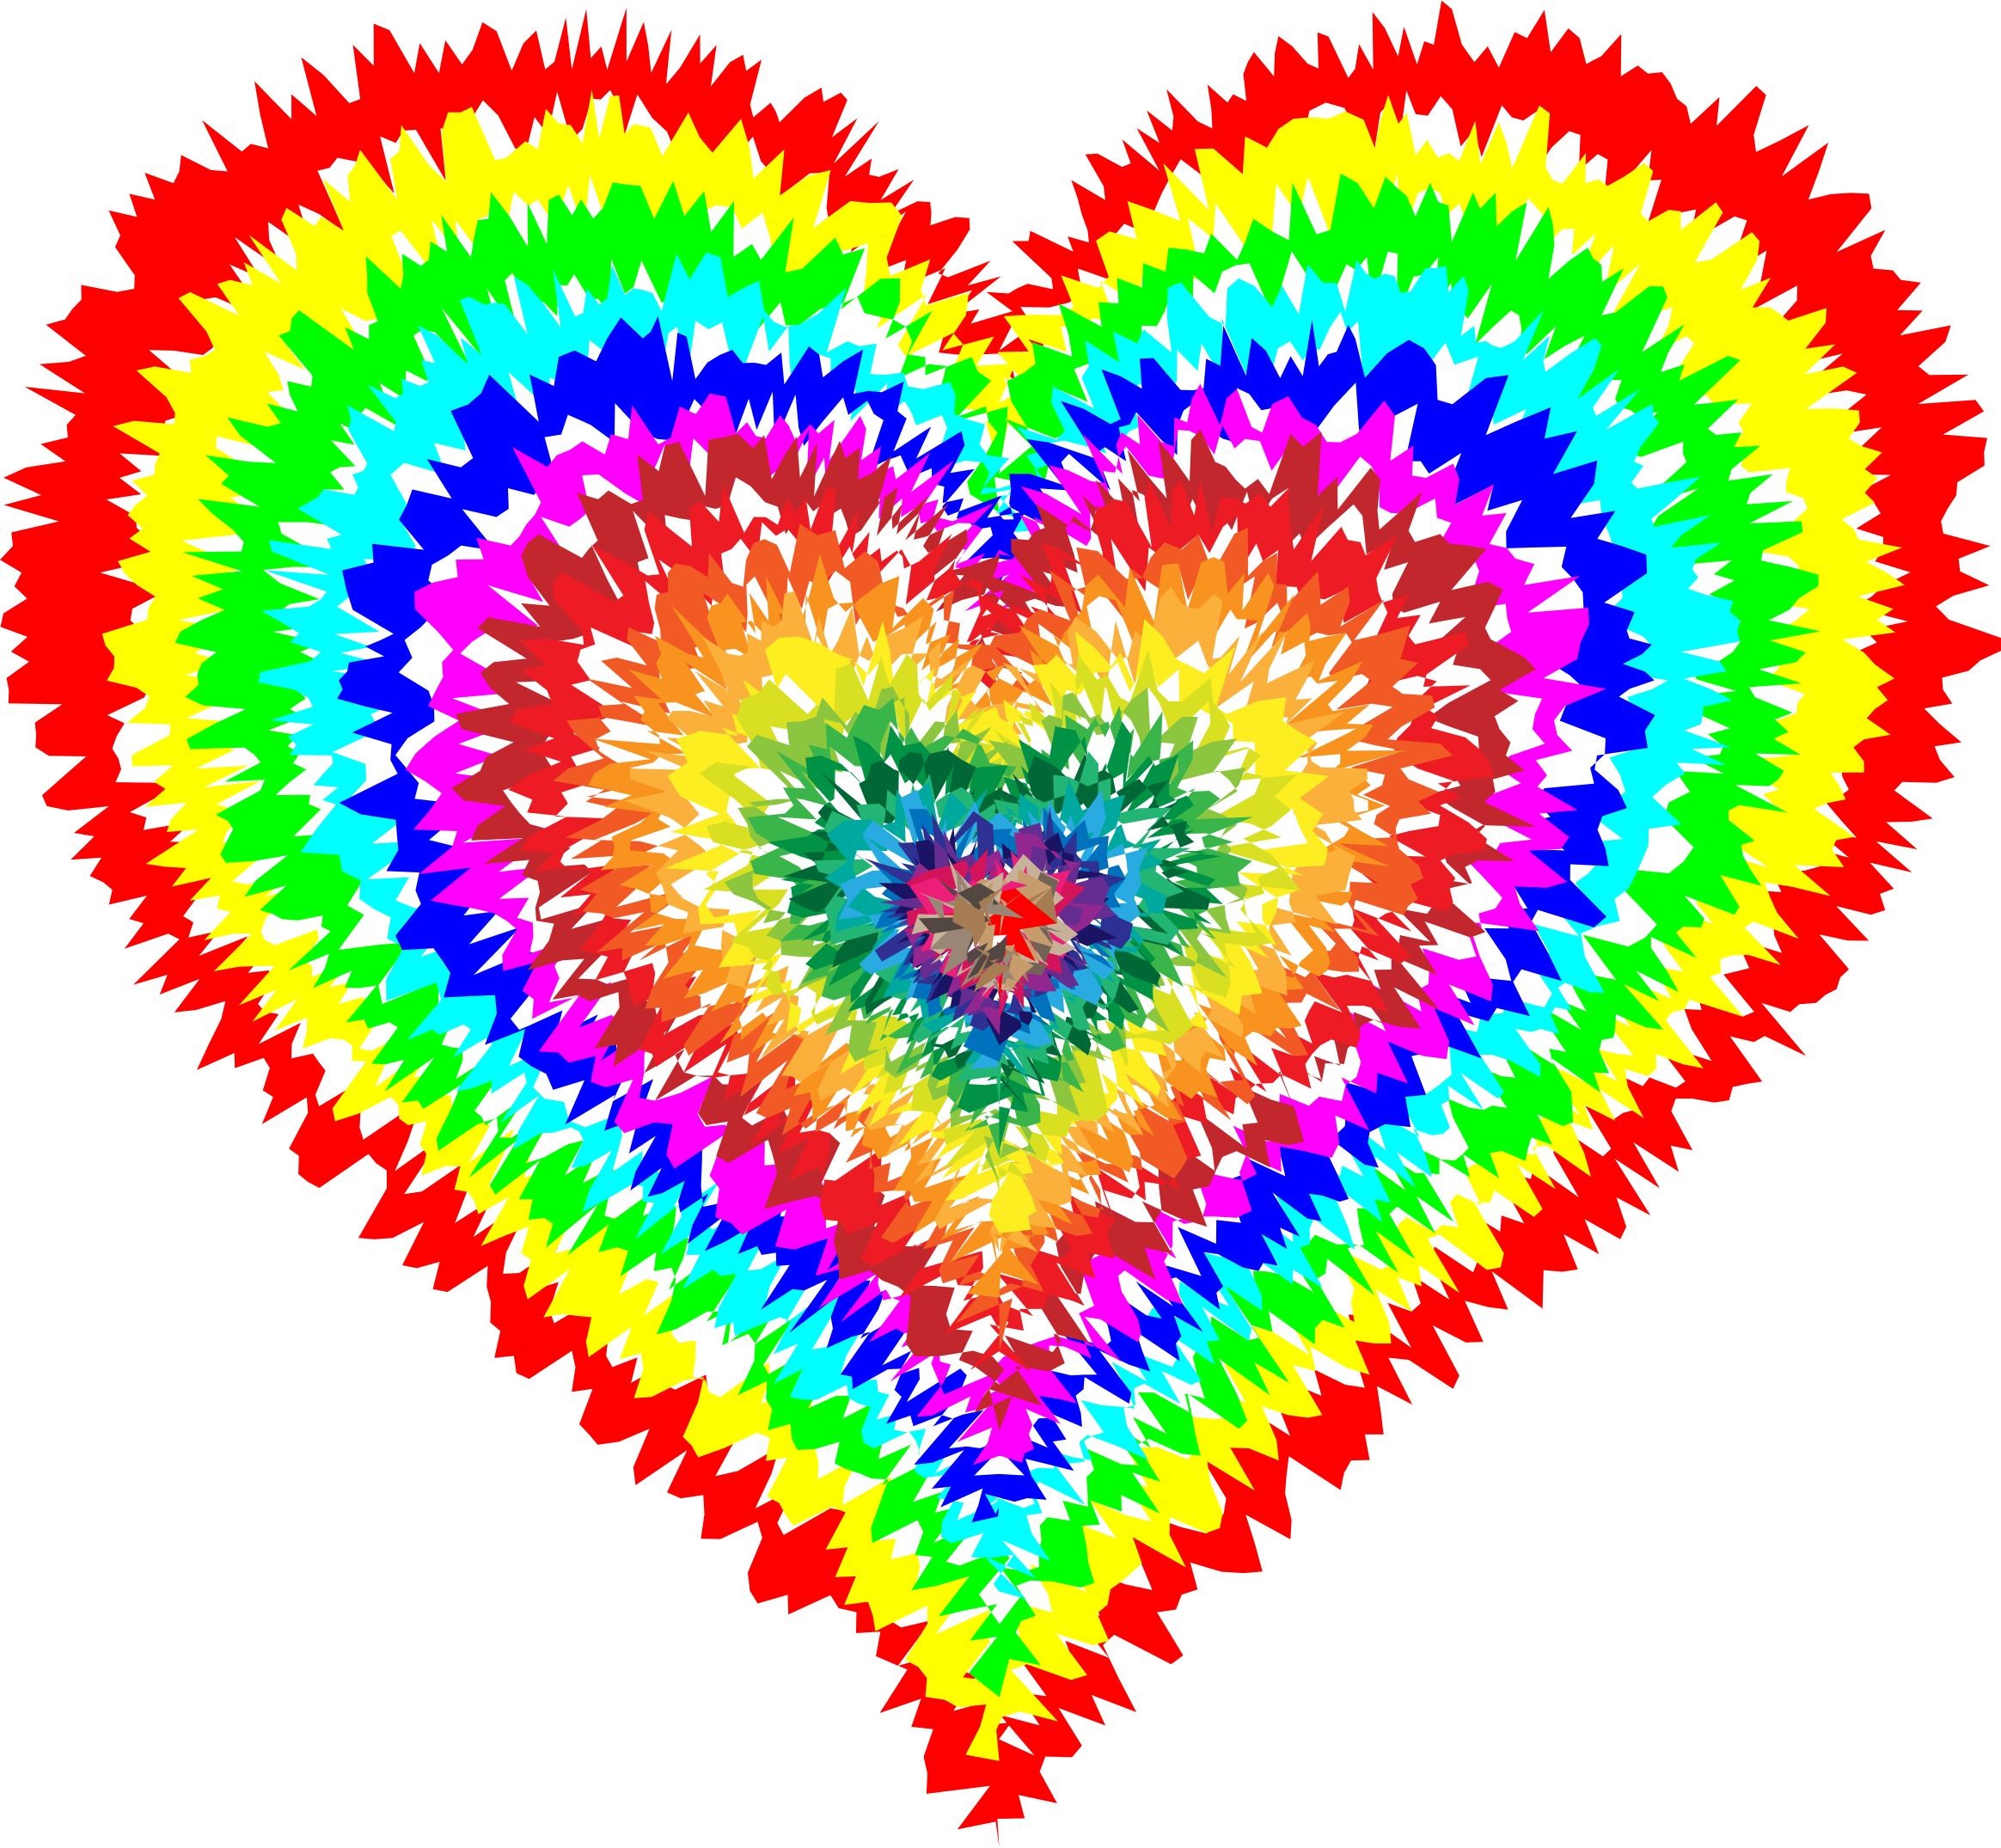 Tie Dye Heart By Gdj-Tie Dye Heart By Gdj-11